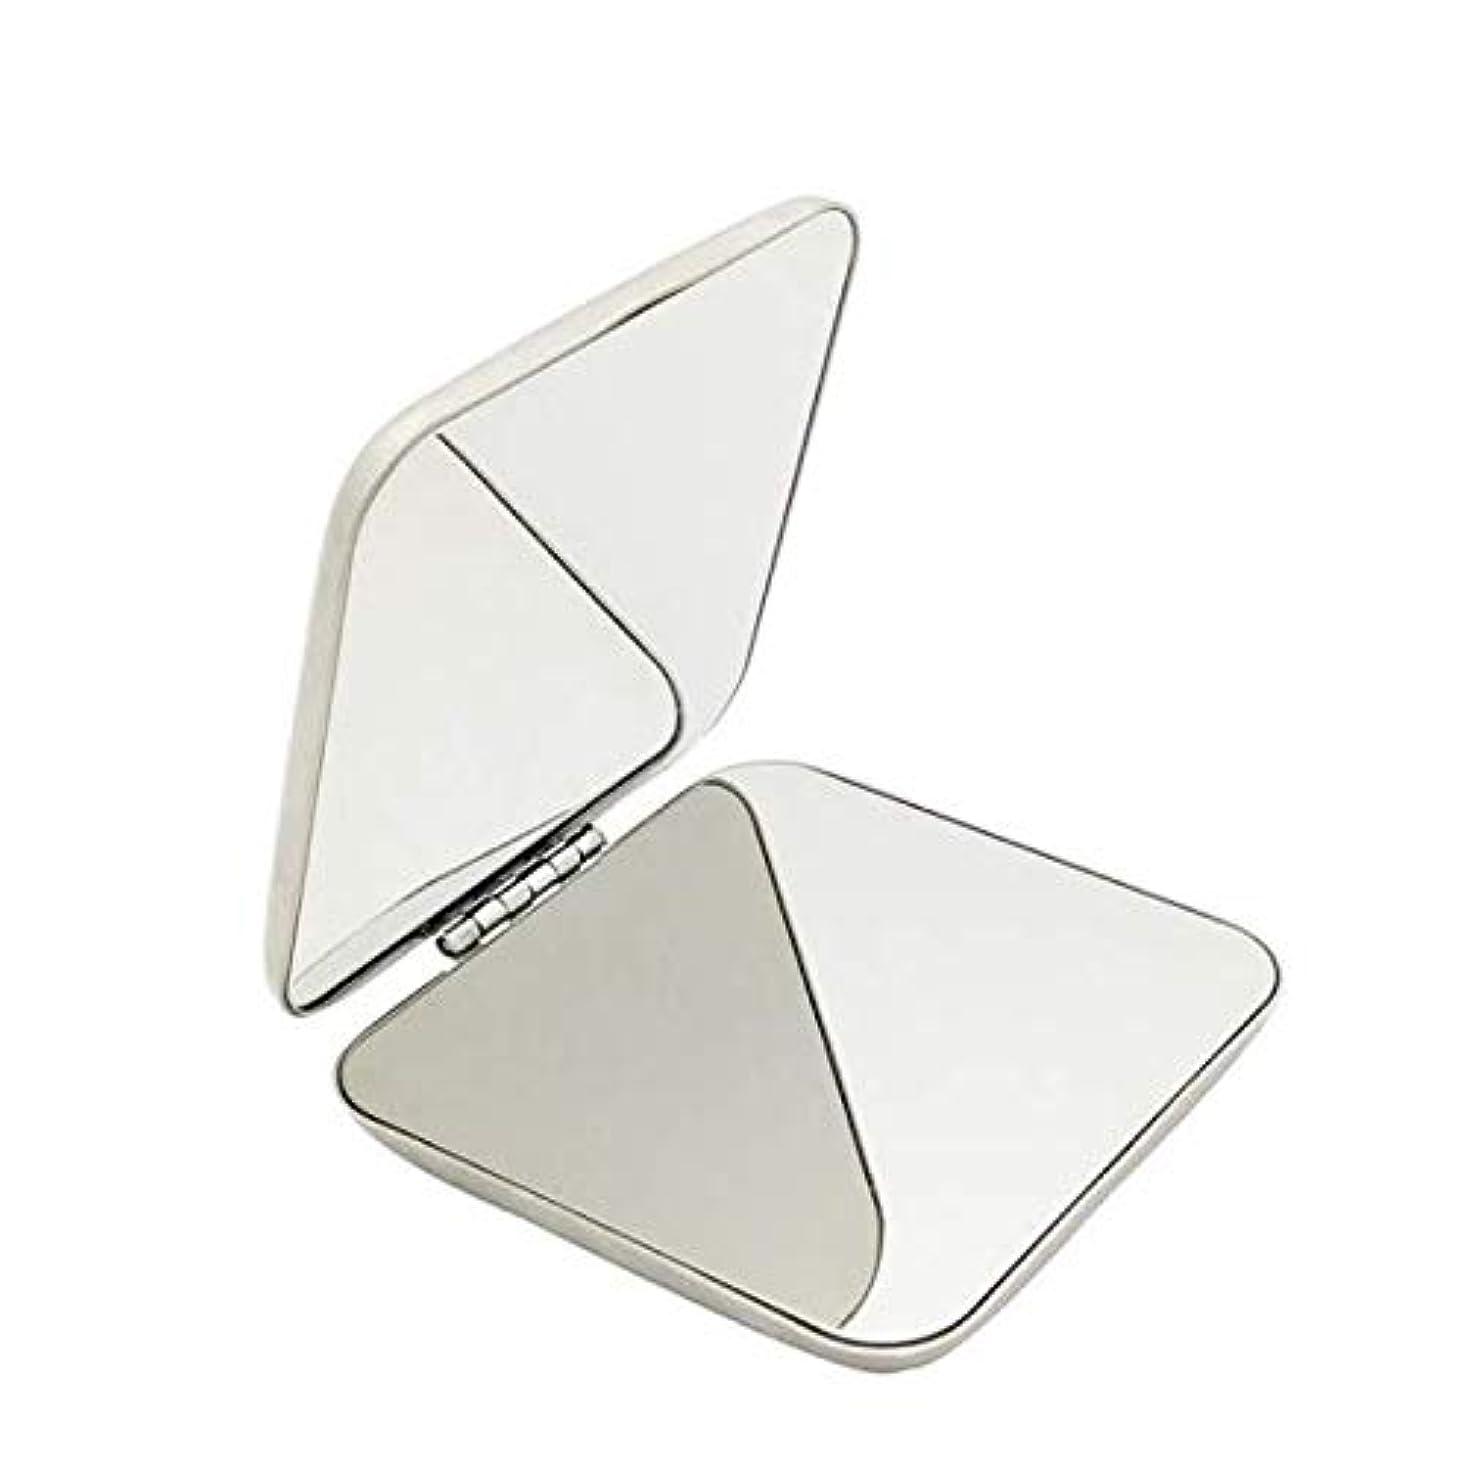 飛散防止化粧鏡ステンレス鋼 化粧鏡おすすめ 携帯用ミラー化粧用鏡( スクエア)